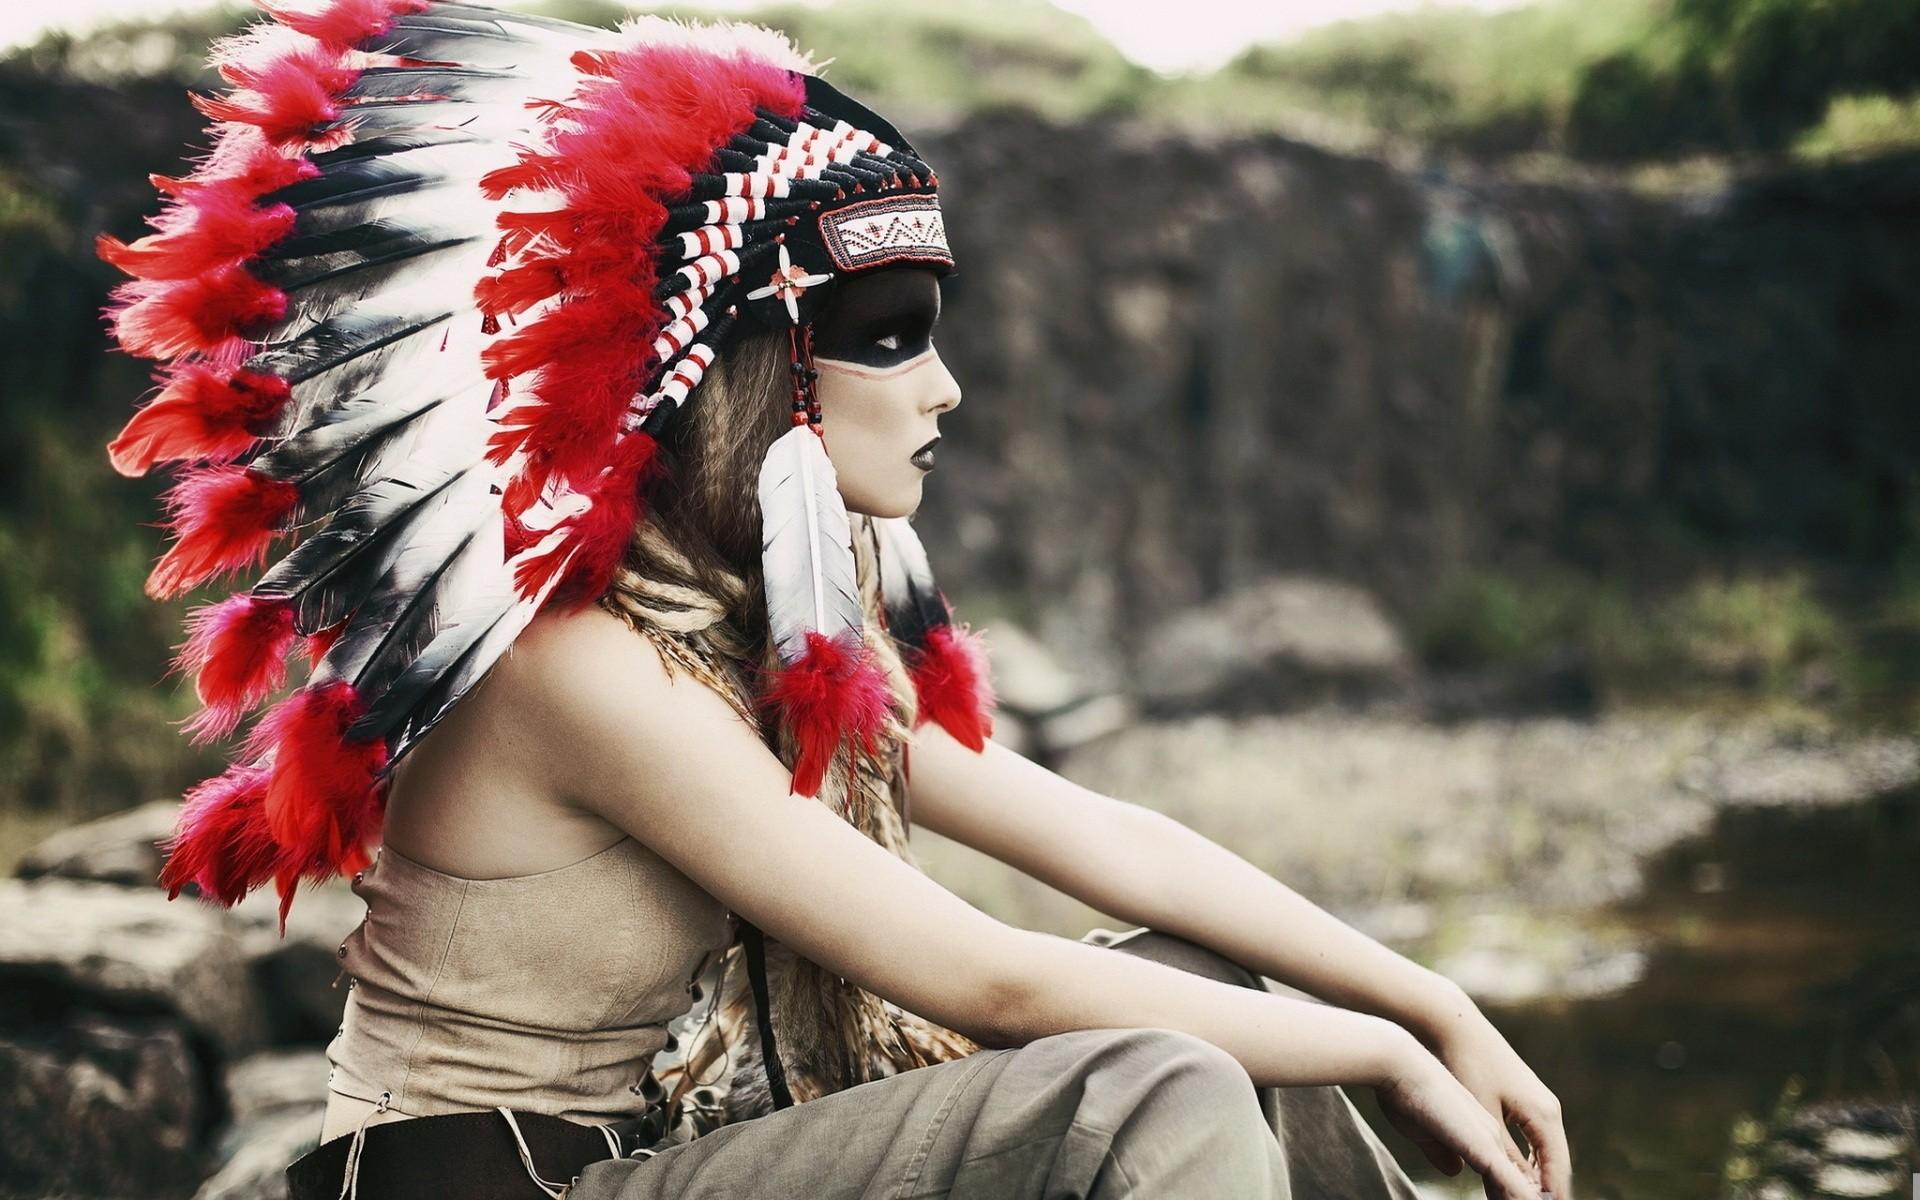 Una chica con tocado indio - 1920x1200